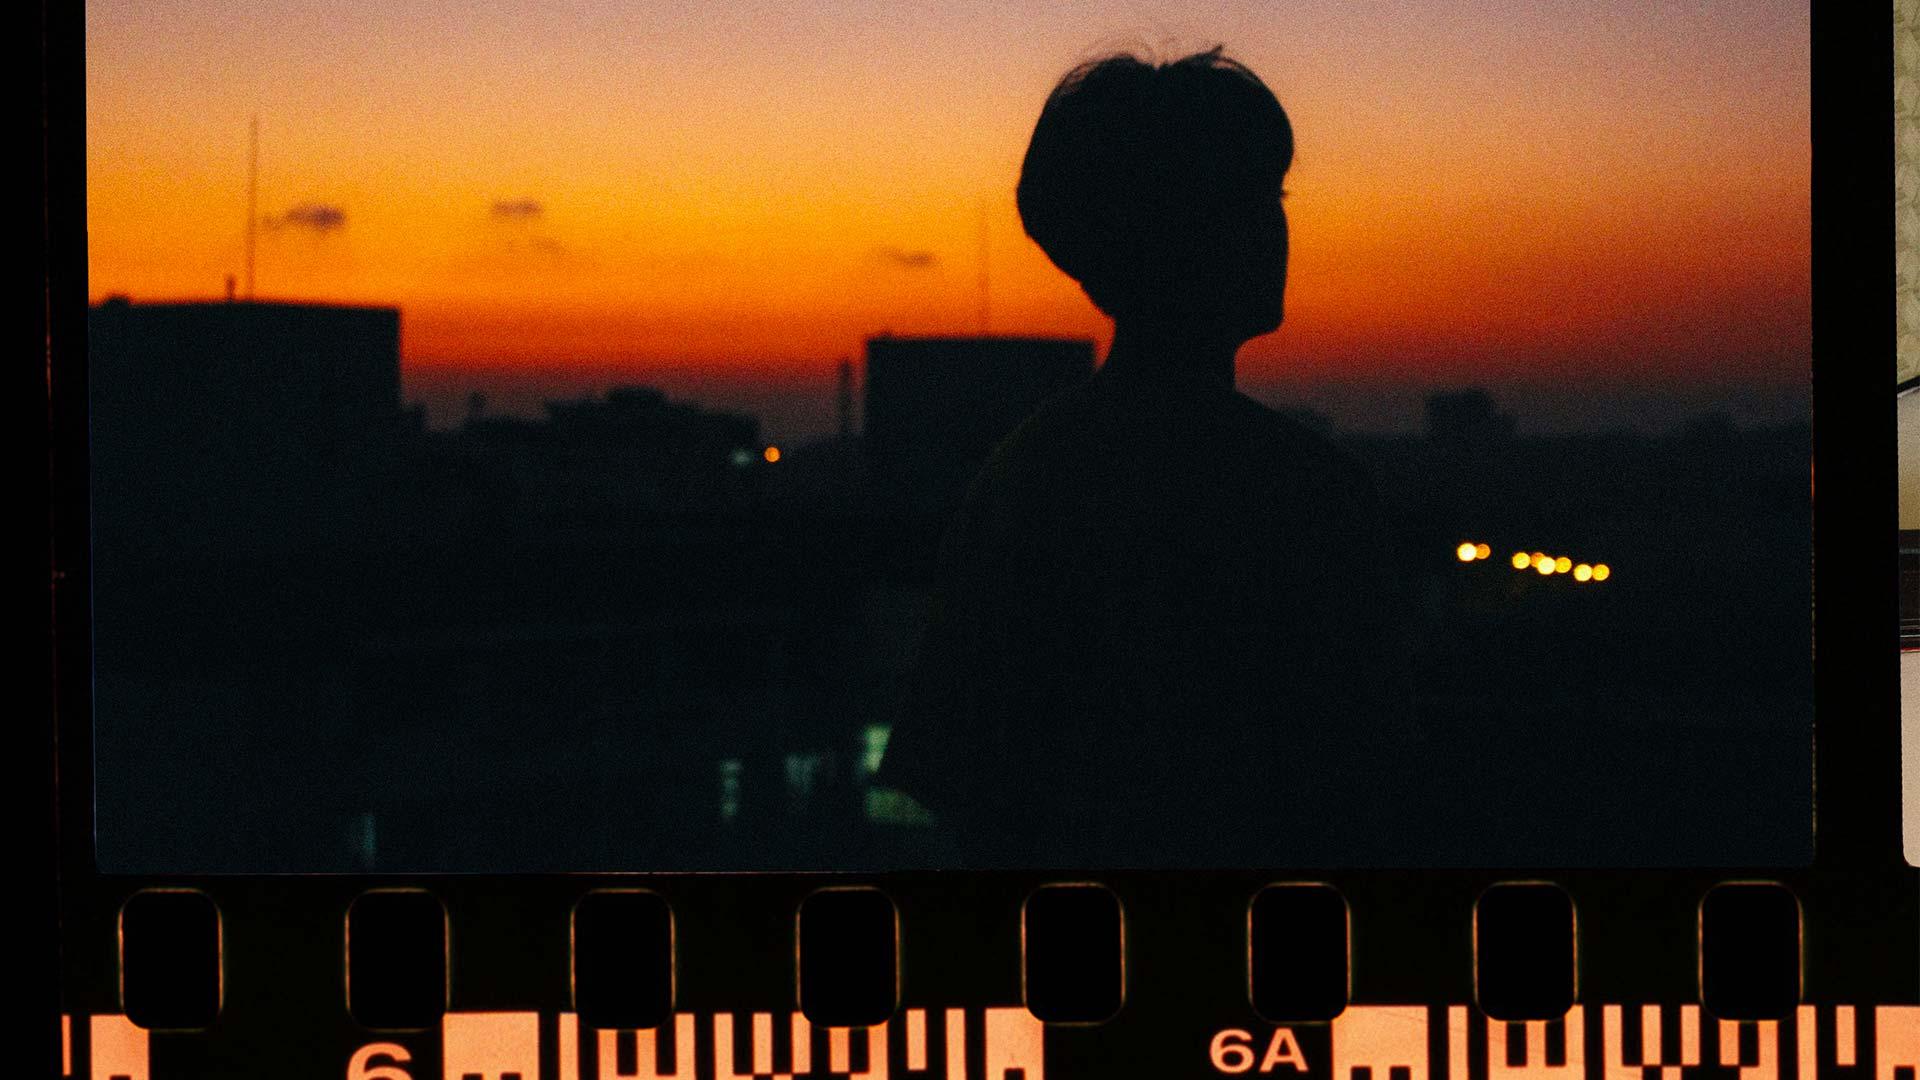 FILM AL BUIO <br/> 9 GENNAIO